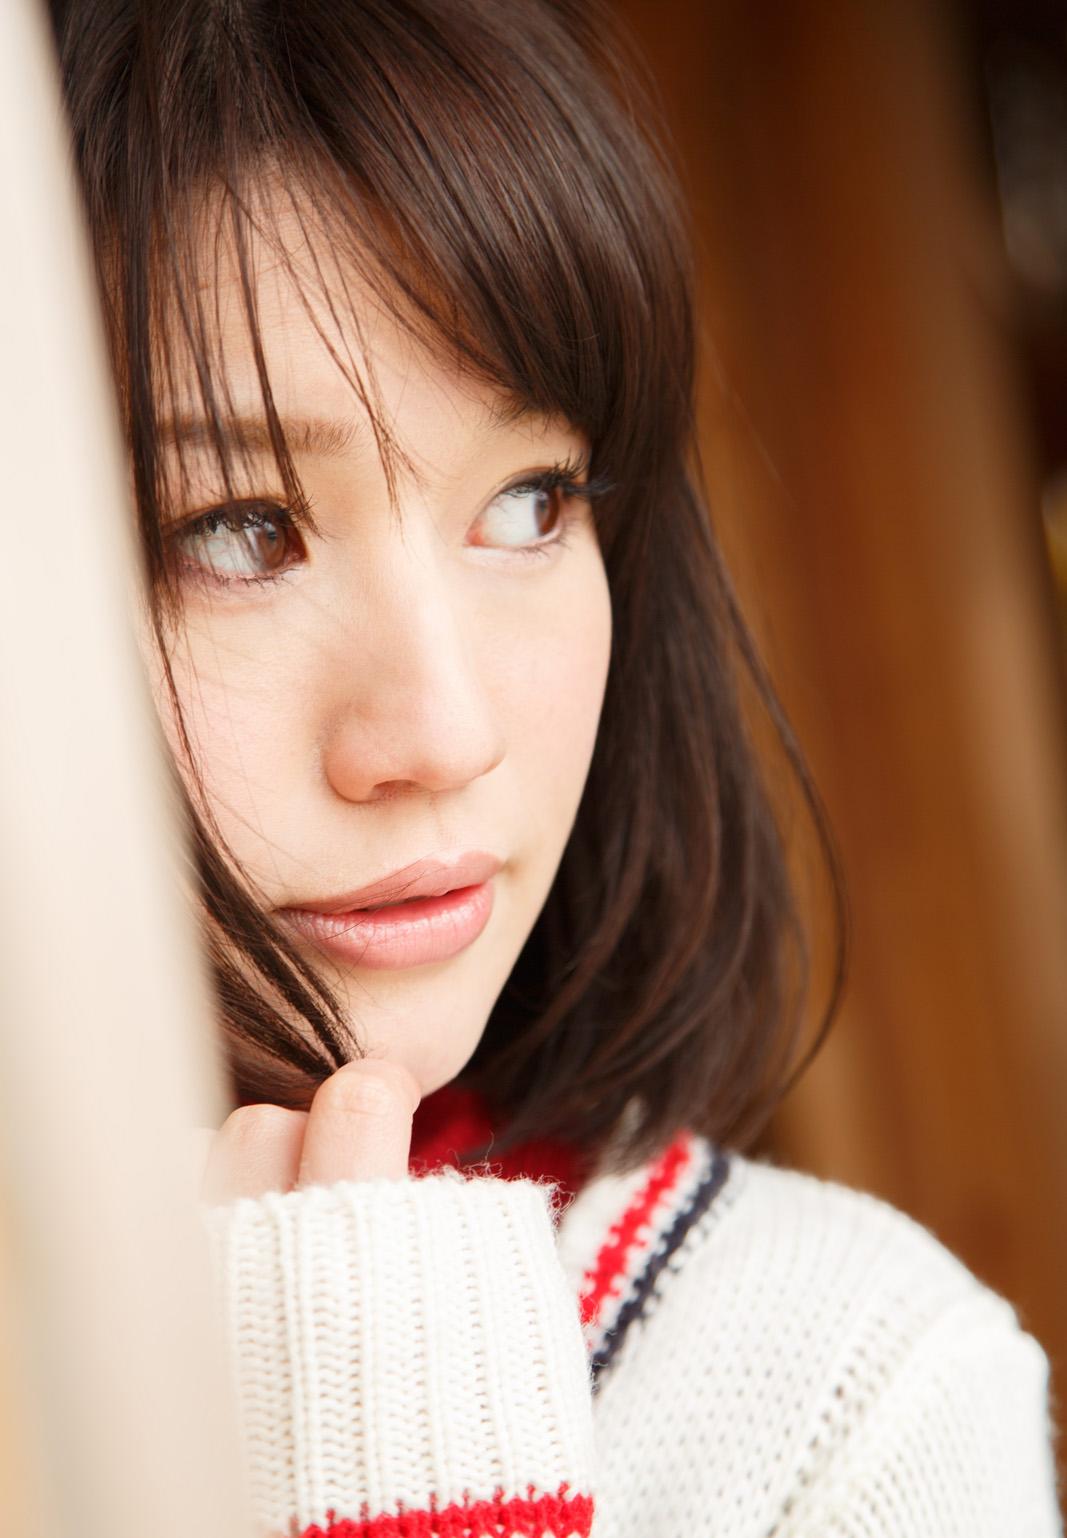 本田莉子 画像 60